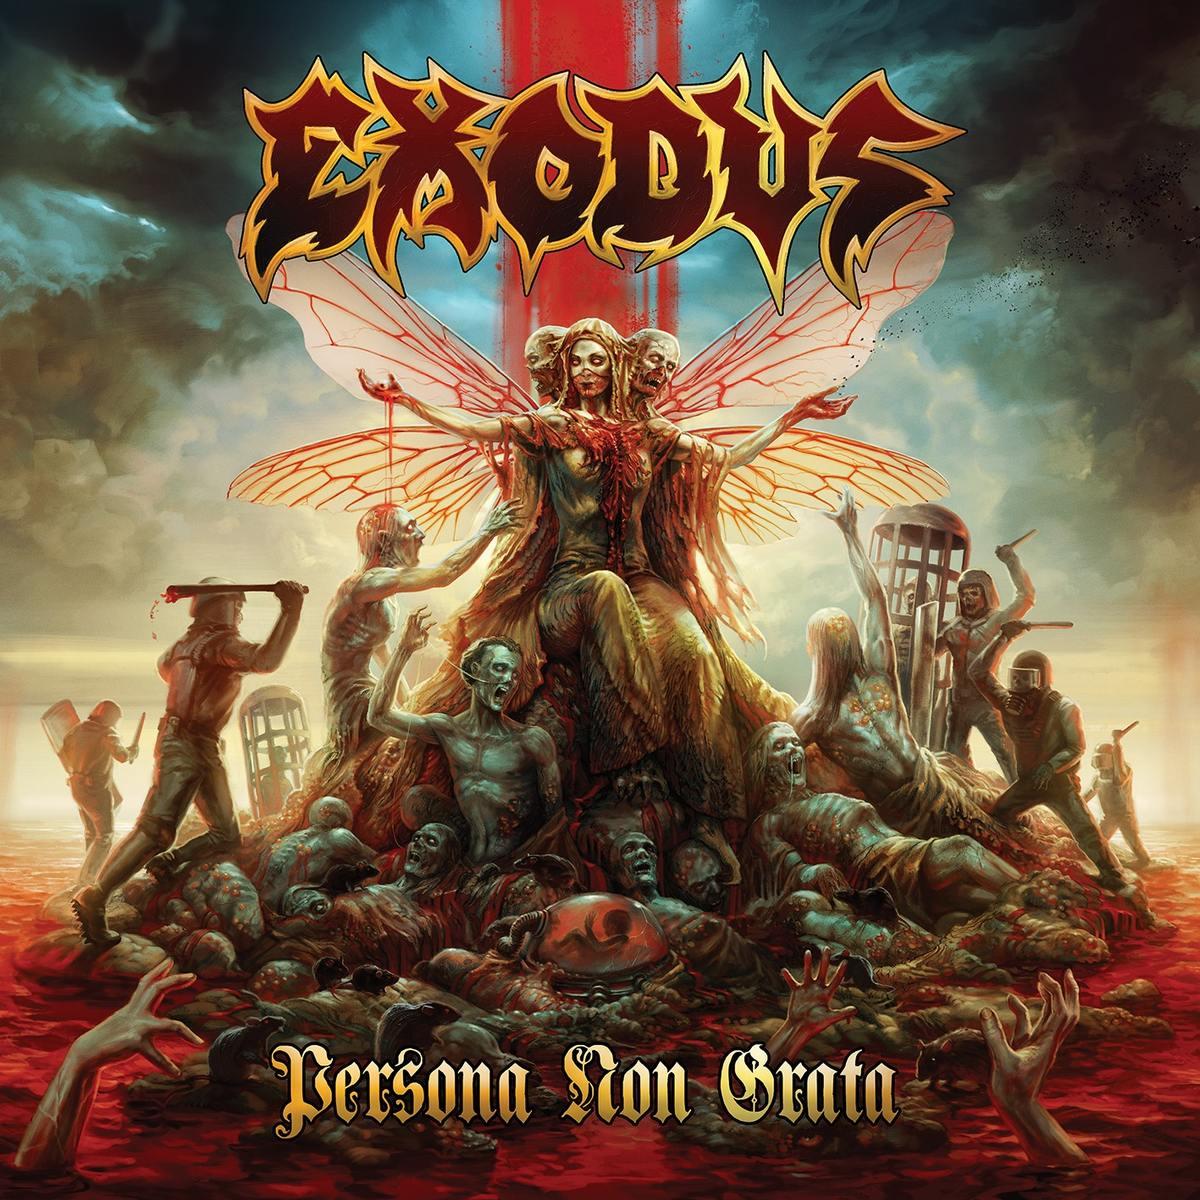 Exodus - Persona Non Grata